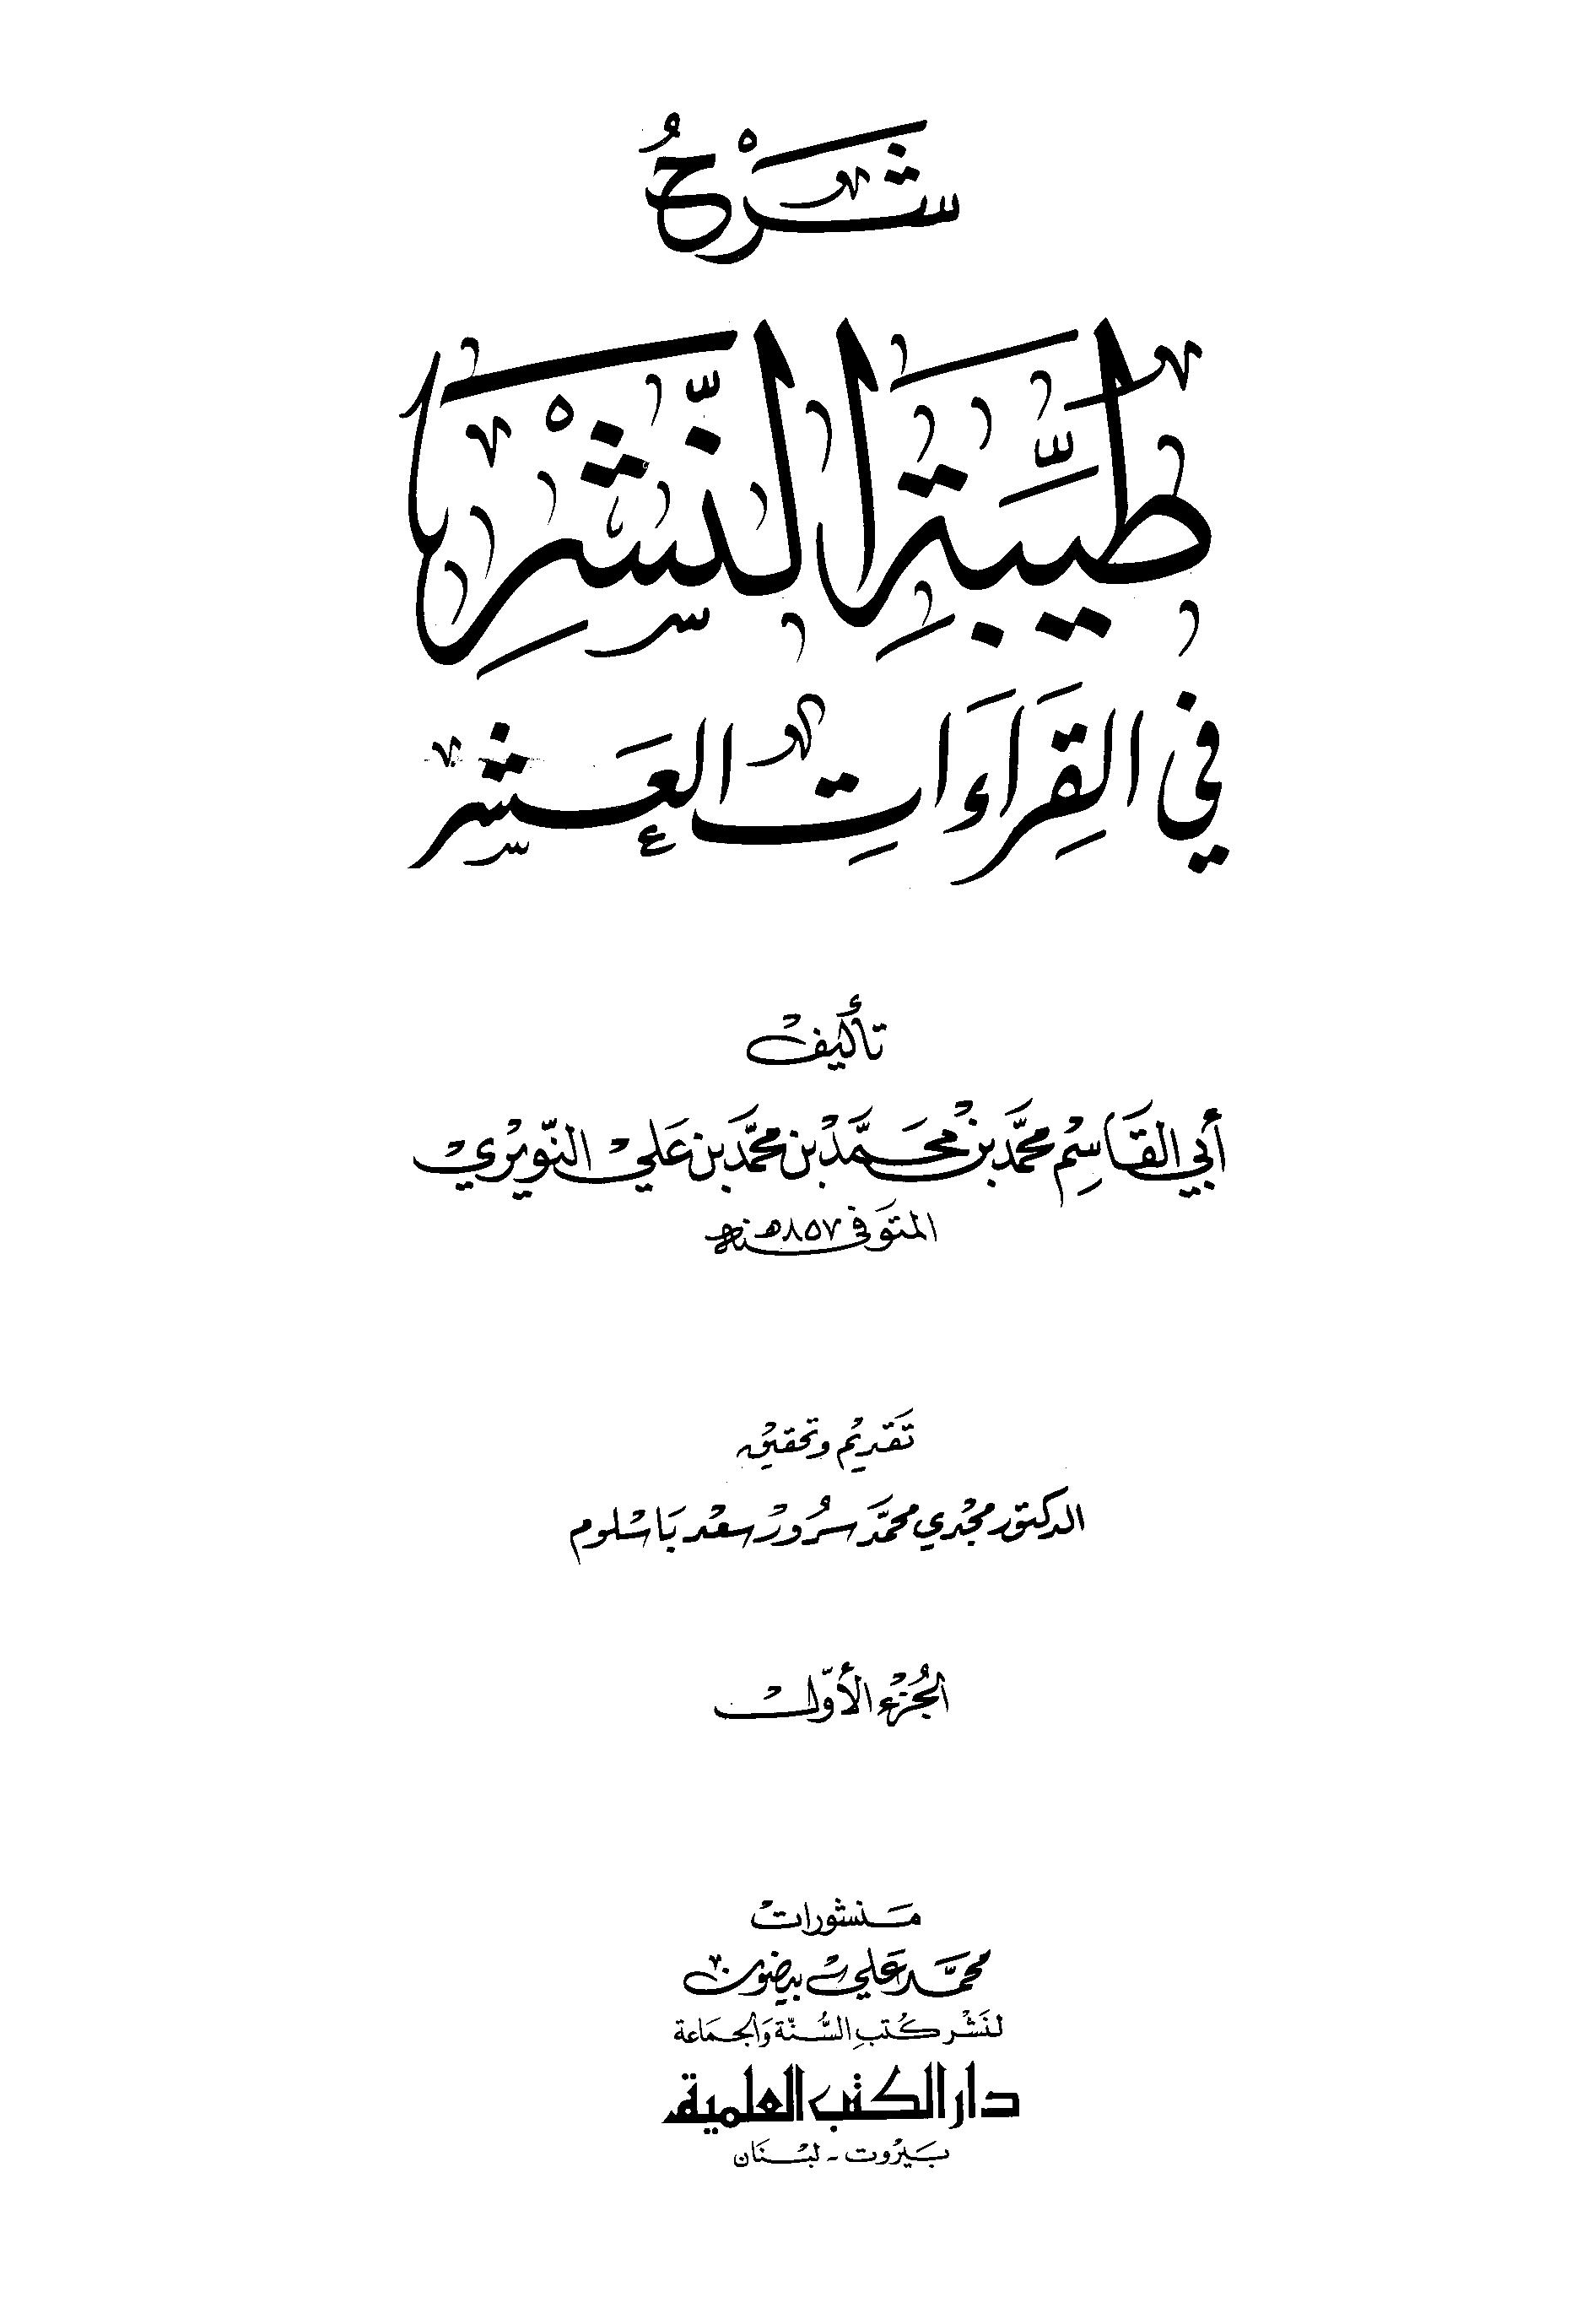 تحميل كتاب شرح طيبة النشر في القراءات العشر (النويري) لـِ: الإمام محب الدين أبو القاسم محمد بن محمد بن محمد النويري (ت 857)